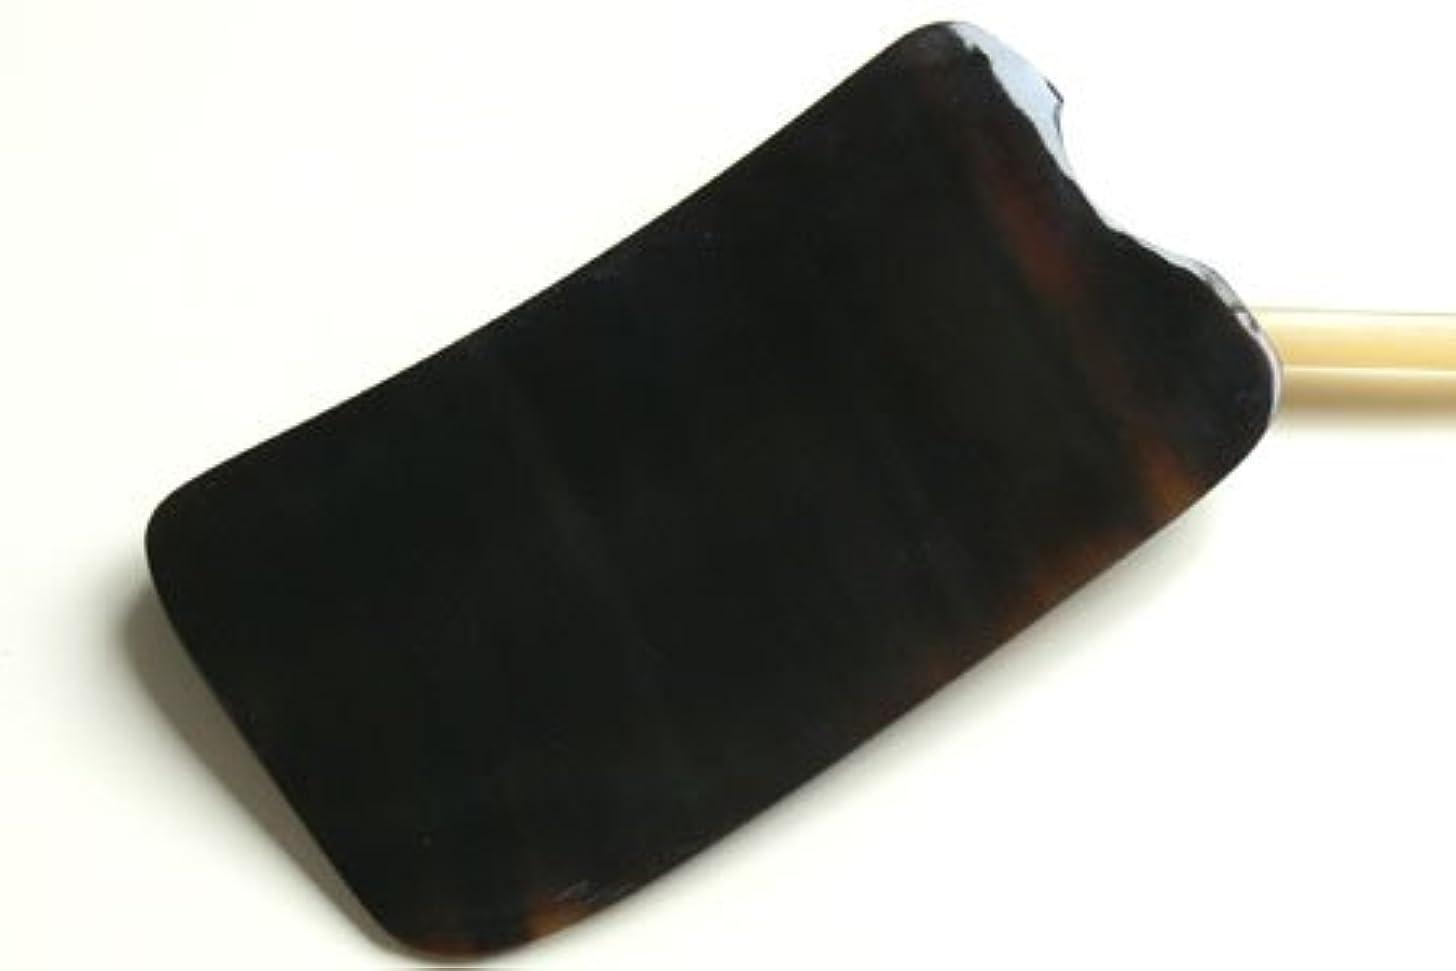 ラビリンス貫通スペアかっさ板、美容、刮莎板、グアシャ板,水牛角製